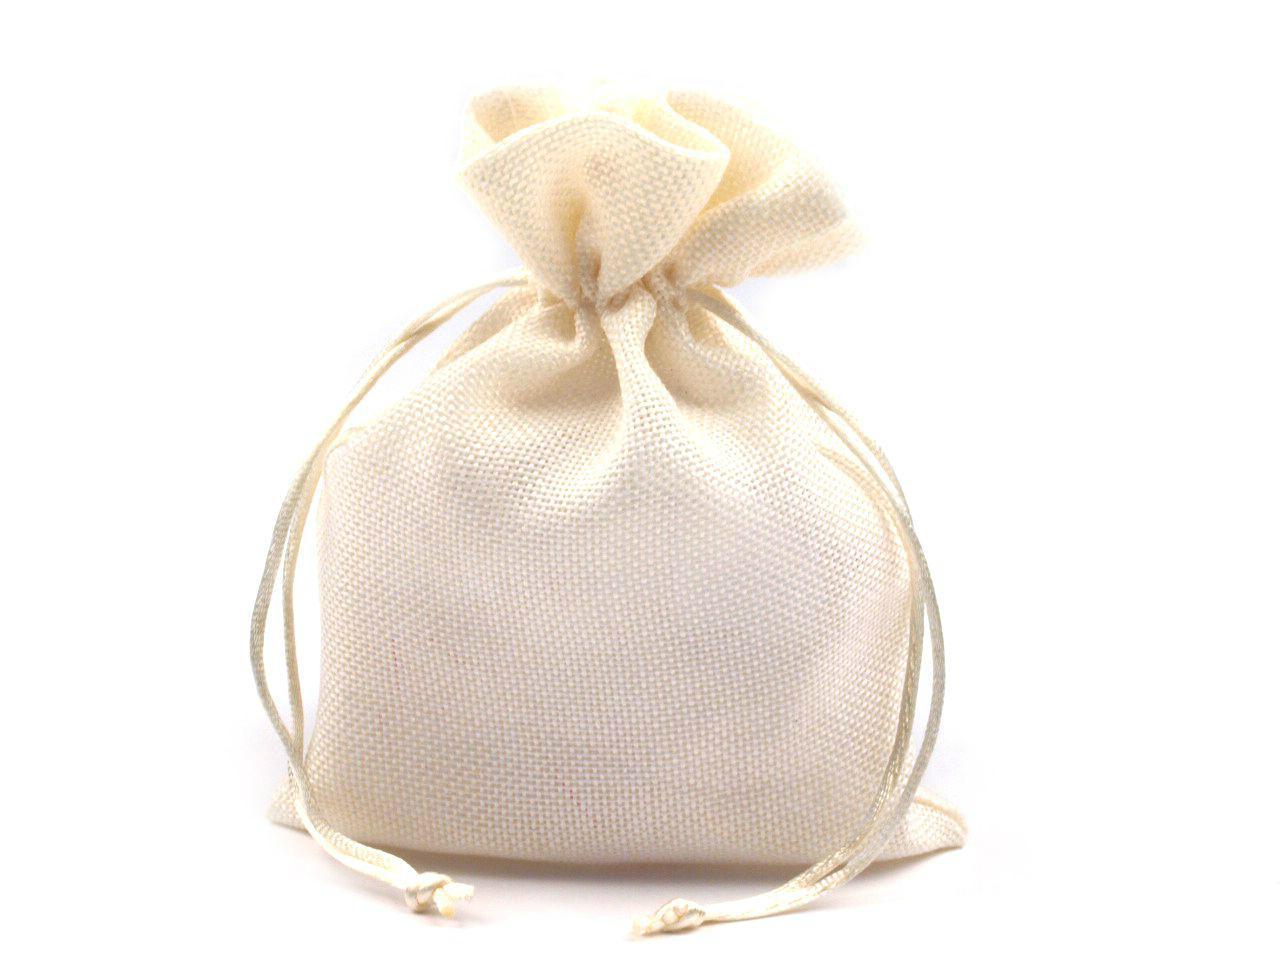 jutový pytlíček bílý  - Obrázek č. 1